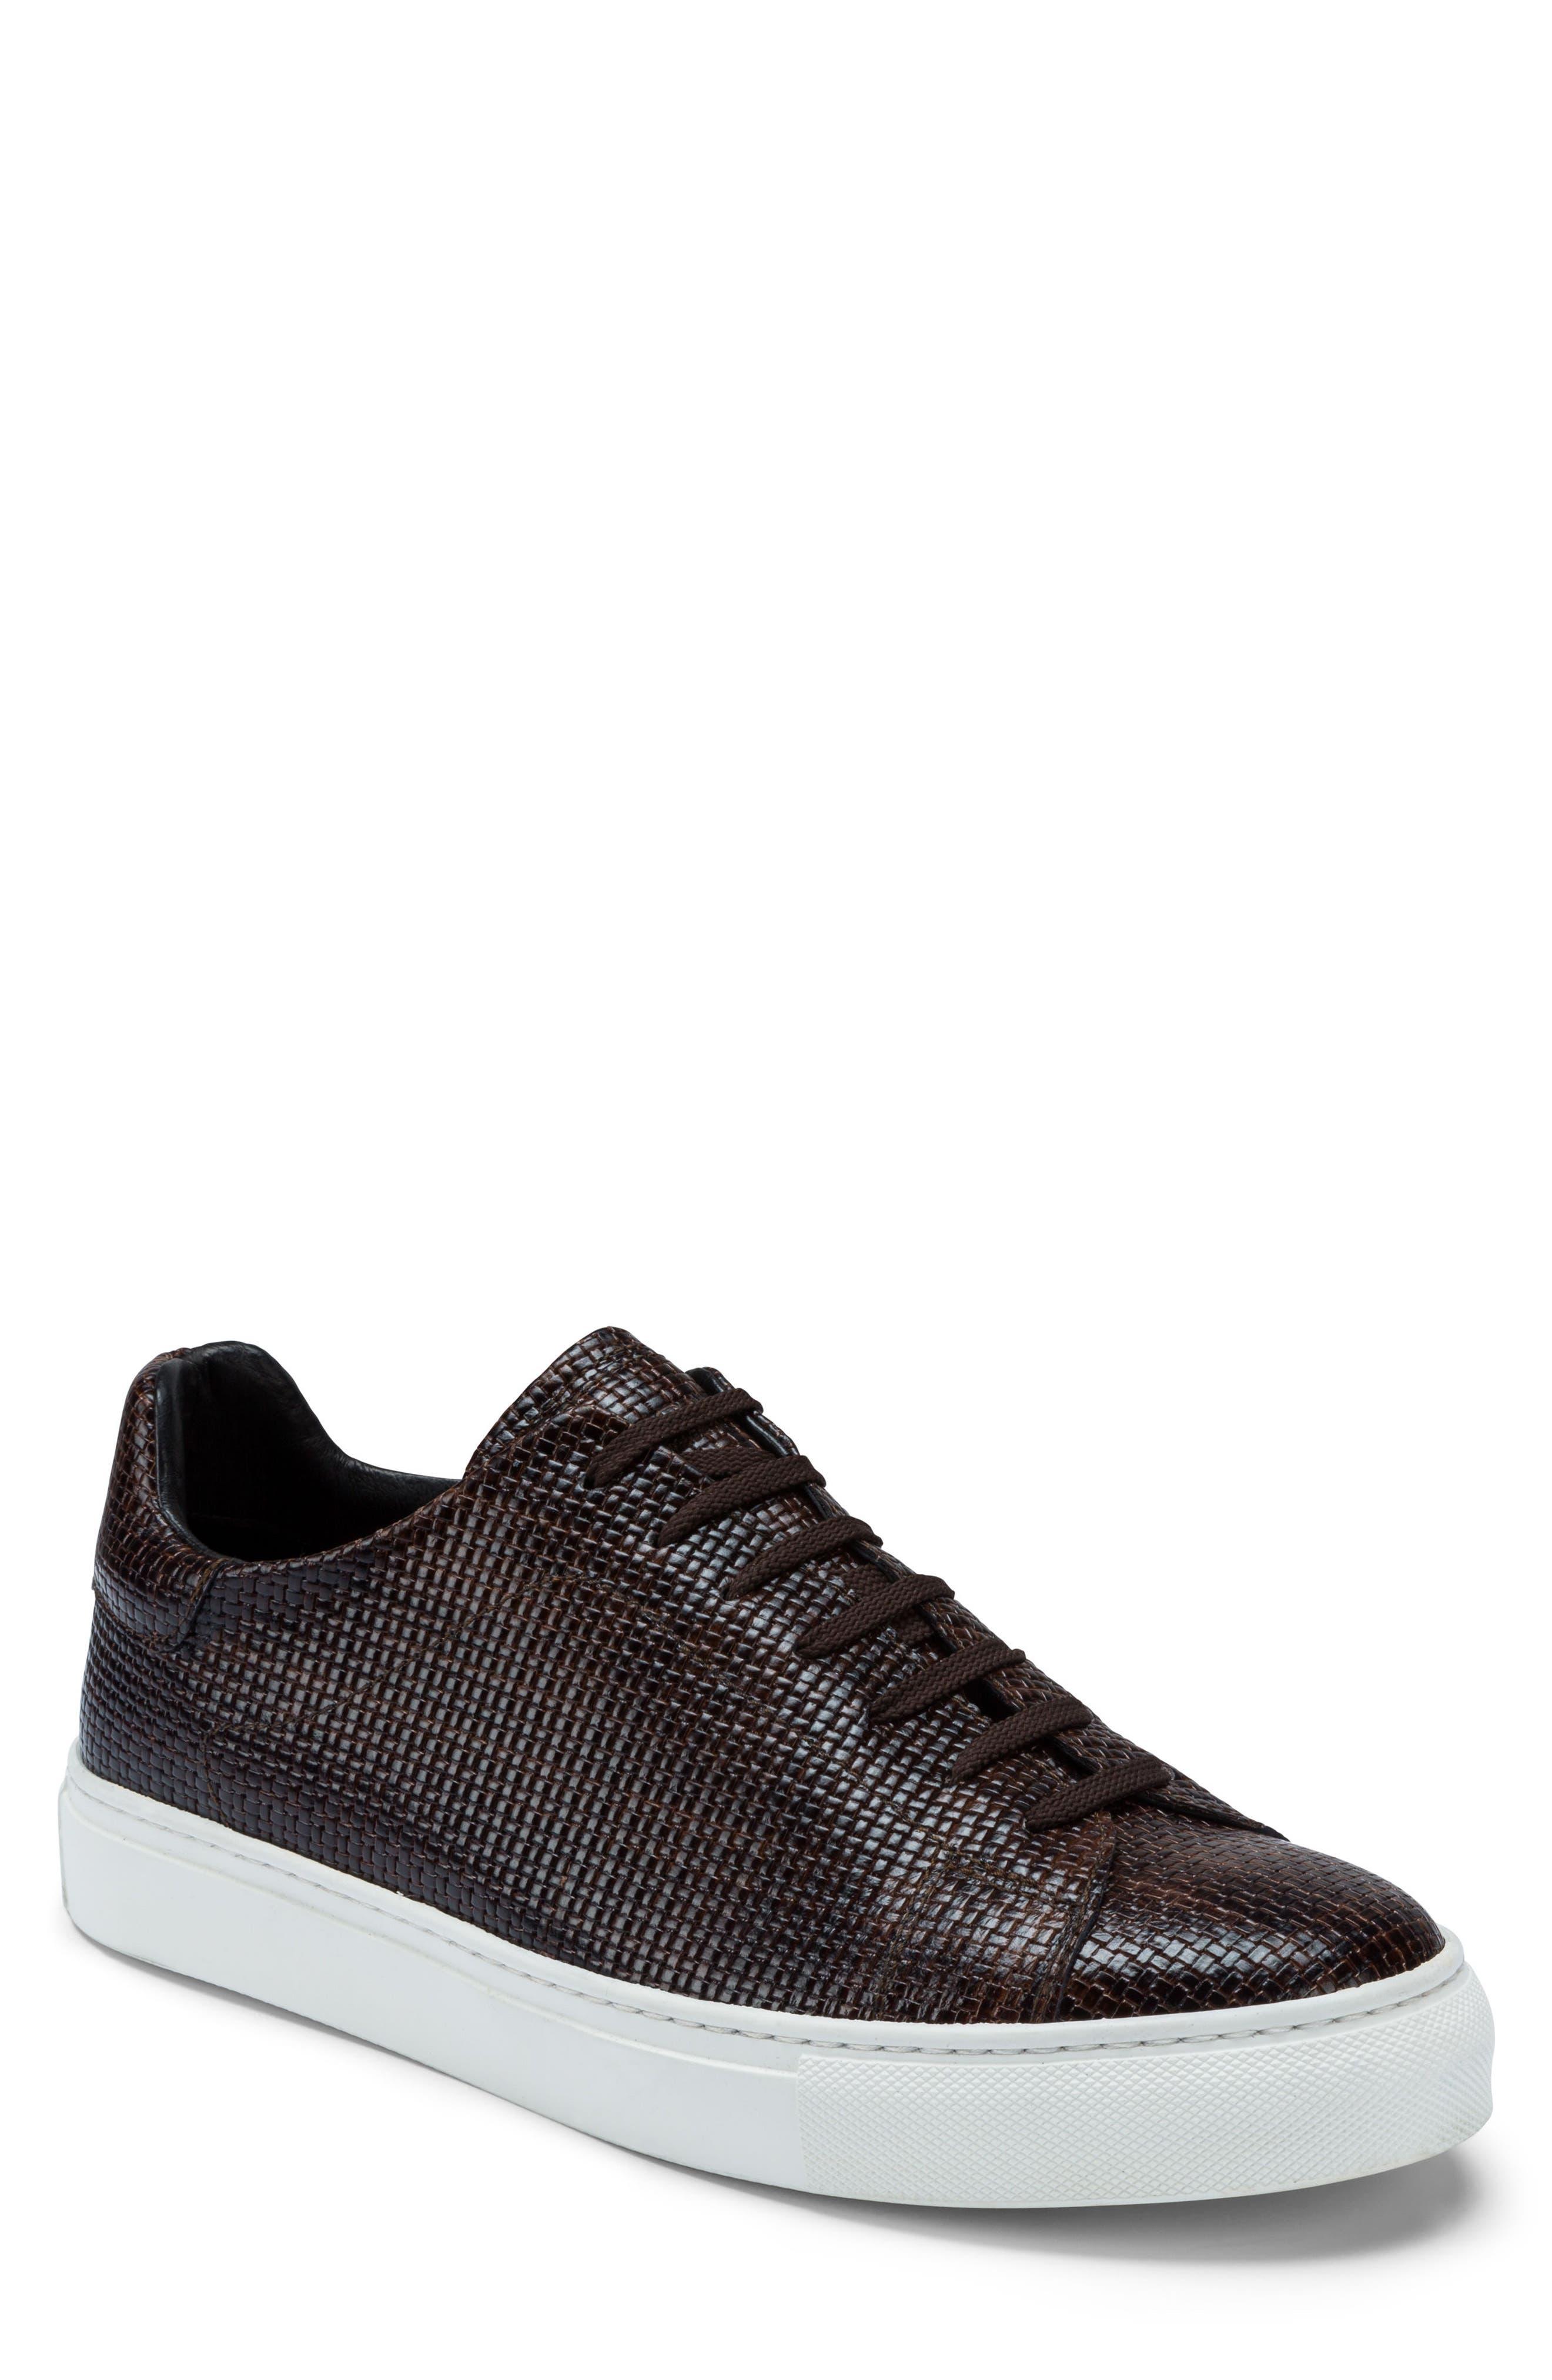 Wimbledon Sneaker,                             Main thumbnail 1, color,                             203